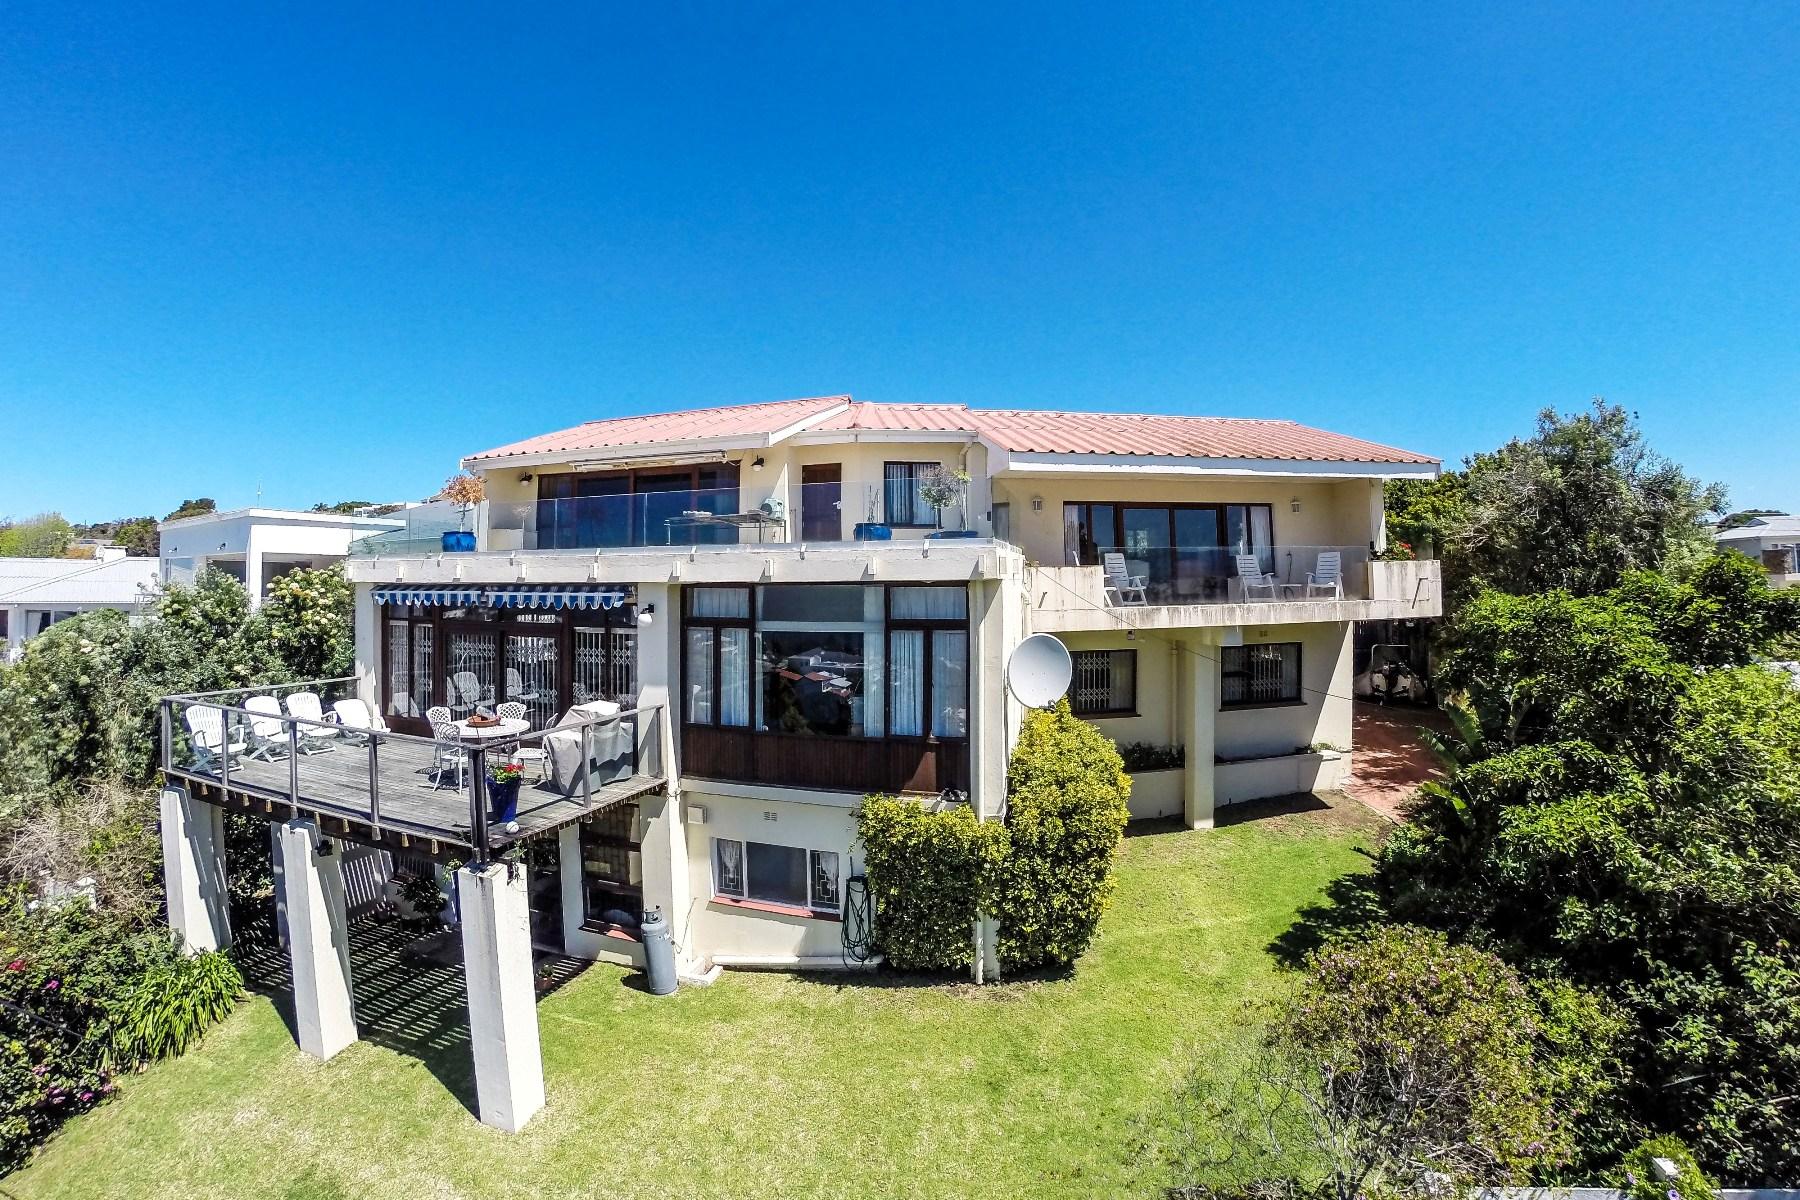 Maison unifamiliale pour l Vente à Old Plett panoramic sea view home Plettenberg Bay, Cap-Occidental, 6600 Afrique Du Sud